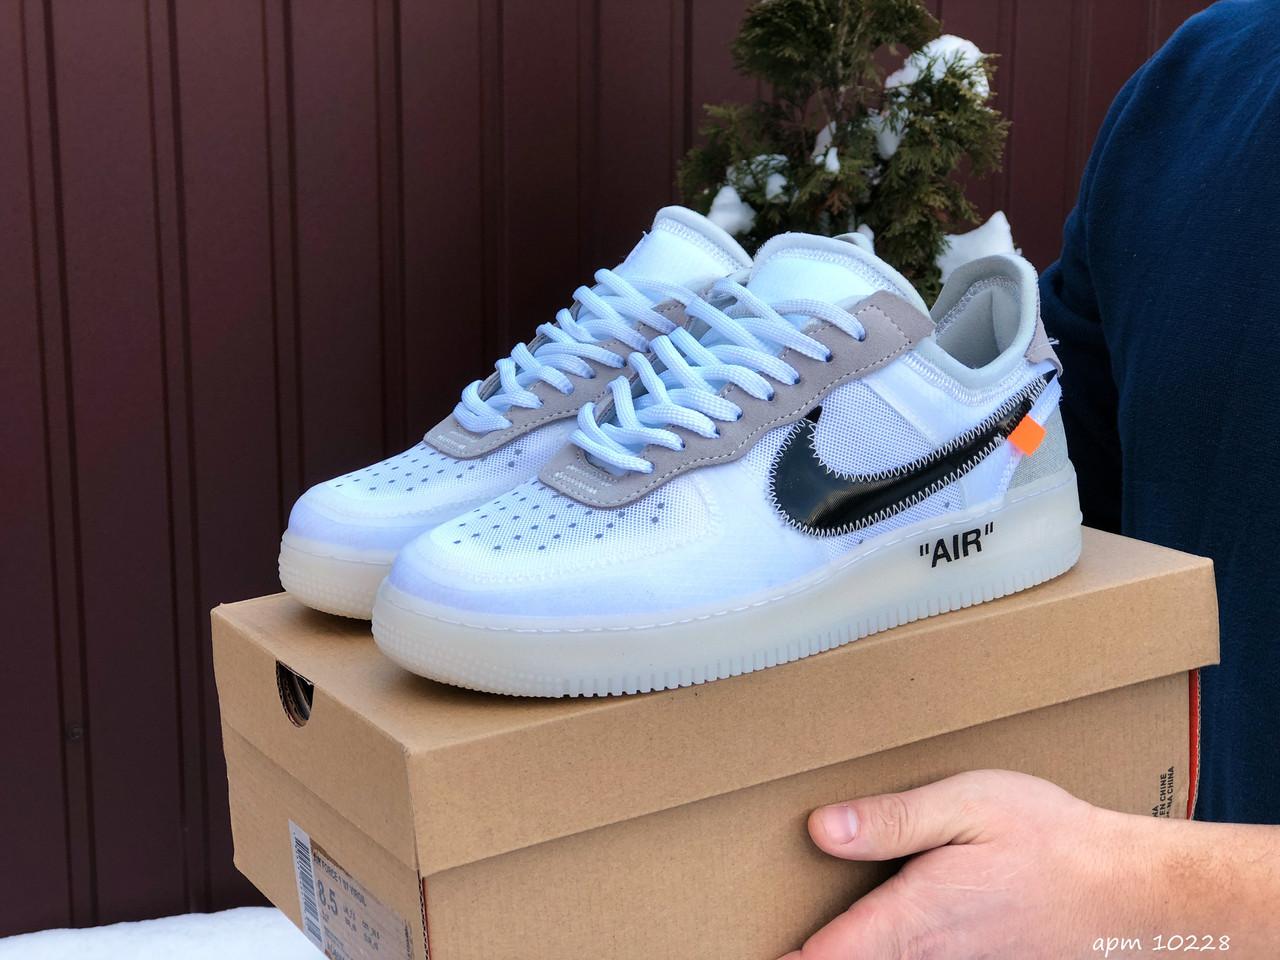 Демісезонні кросівки Nike Lunar Force 07 Virgil, білі з чорним